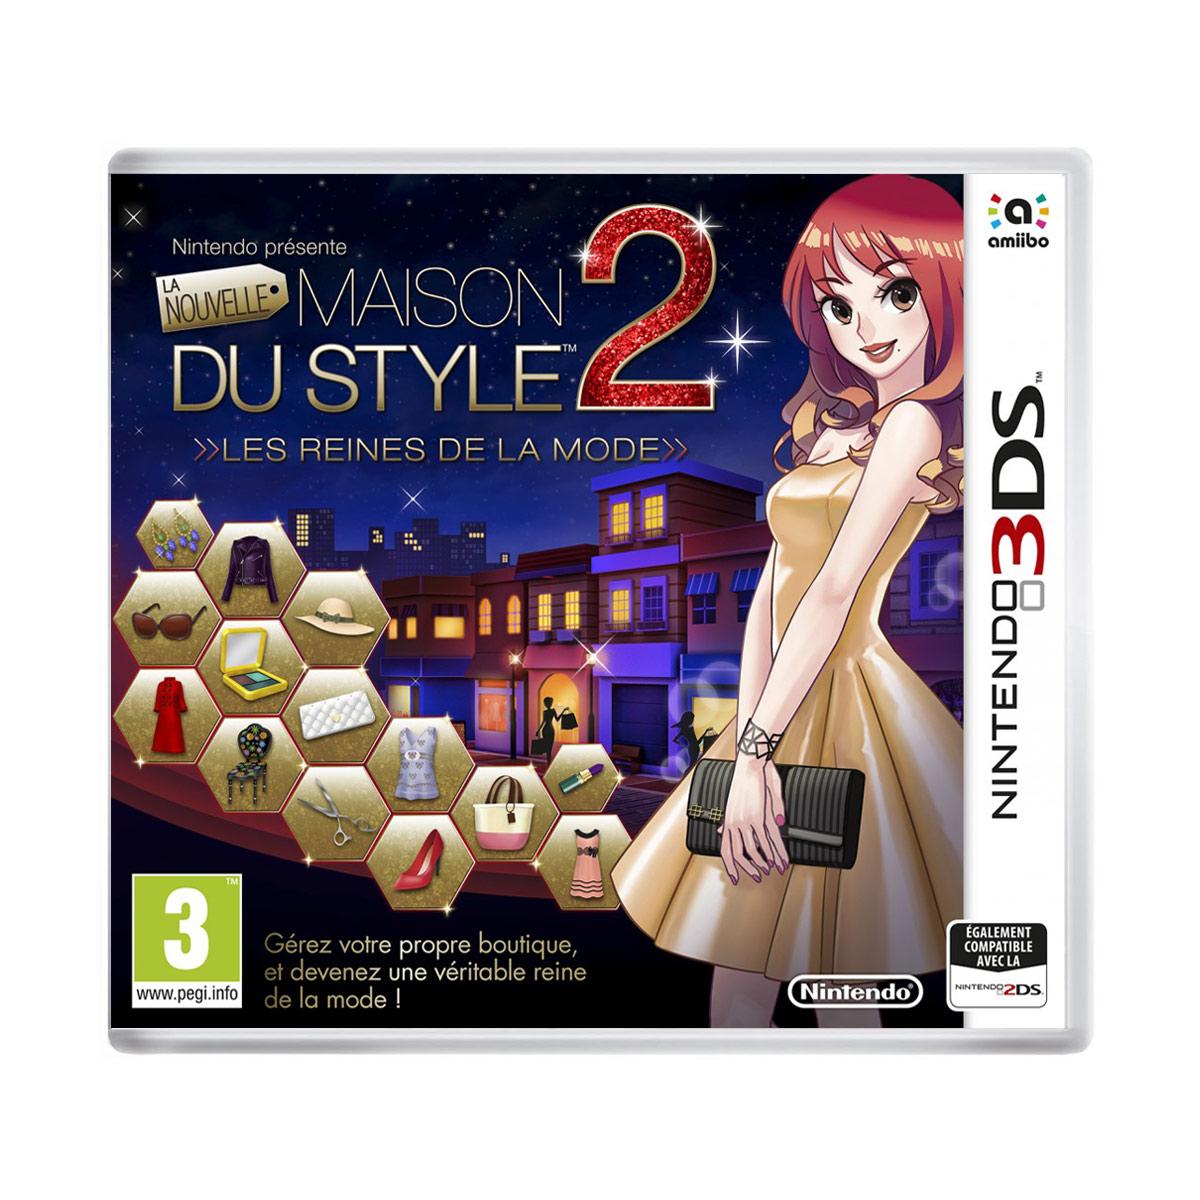 Jeux Nintendo 3DS La Nouvelle Maison Du Style 2 : Les reines de la mode (Nintendo 3DS/2DS) La Nouvelle Maison Du Style 2 : Les reines de la mode (Nintendo 3DS/2DS)